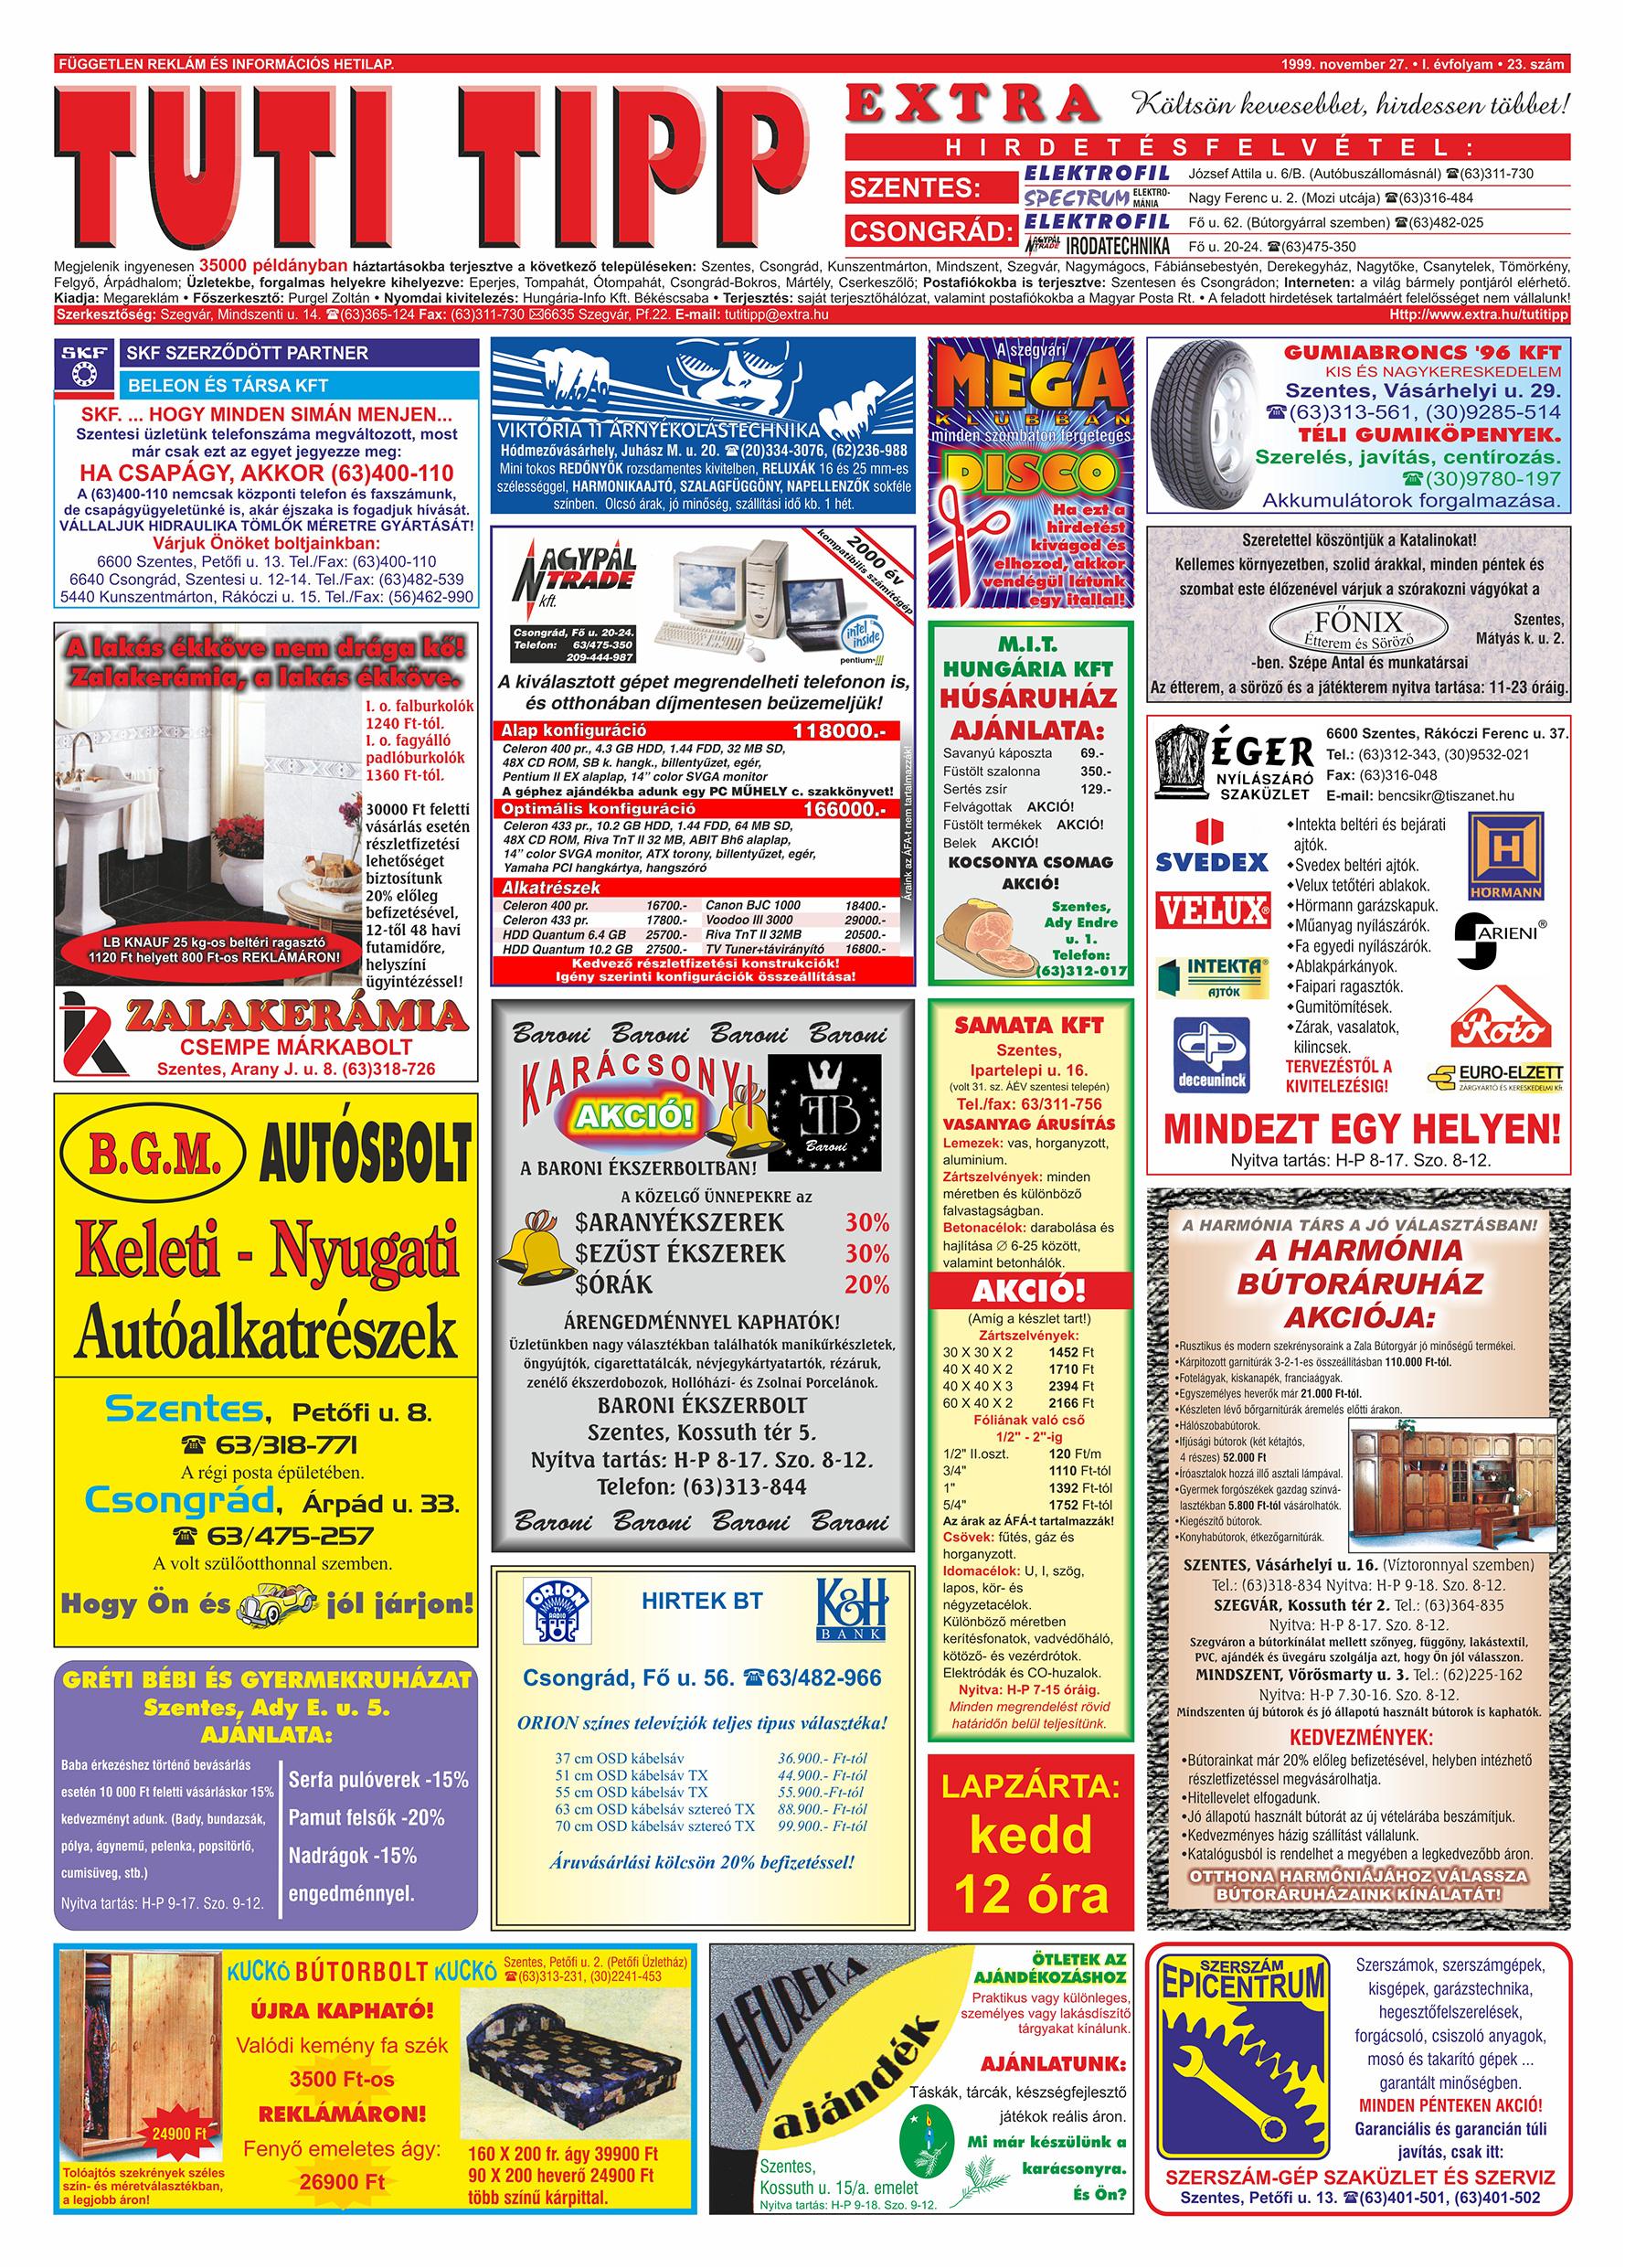 073 Tuti Tipp Extra reklámújság - 19991127-023. lapszám - 1.oldal - V. évfolyam.jpg